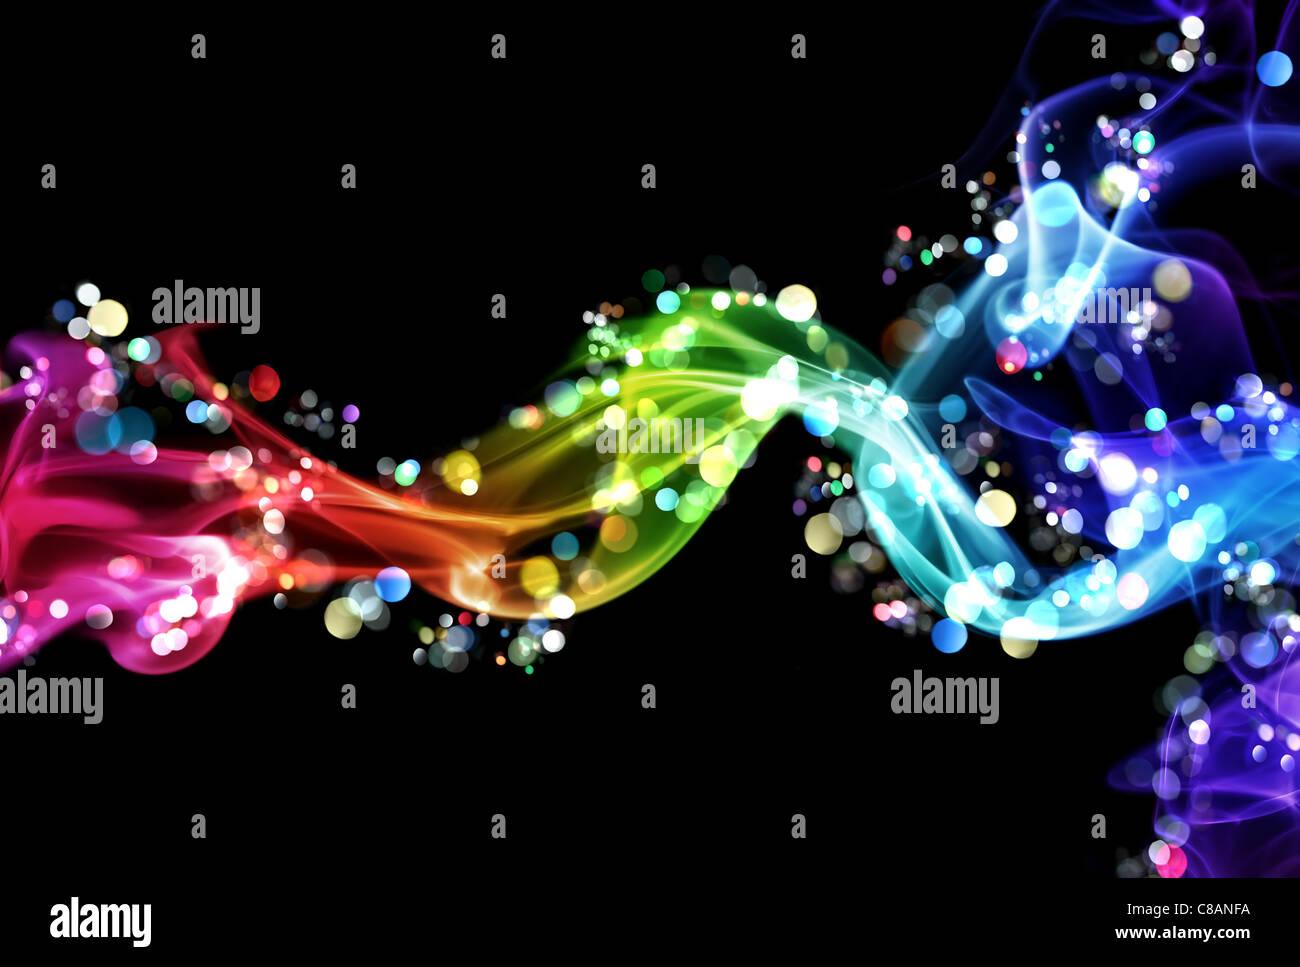 Humo y luces coloridas Imagen De Stock